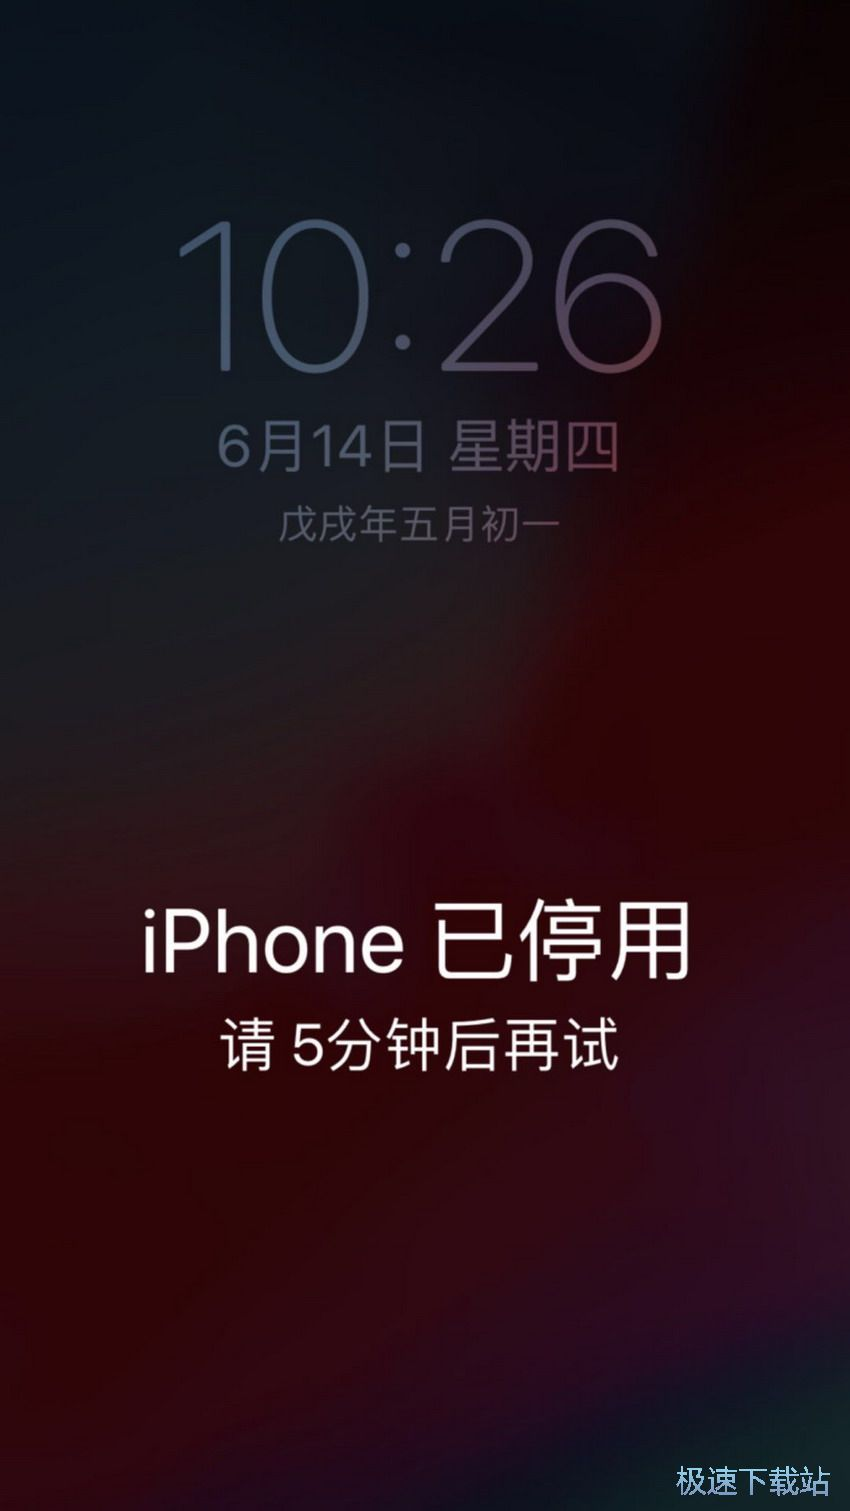 图:iPhone已停用